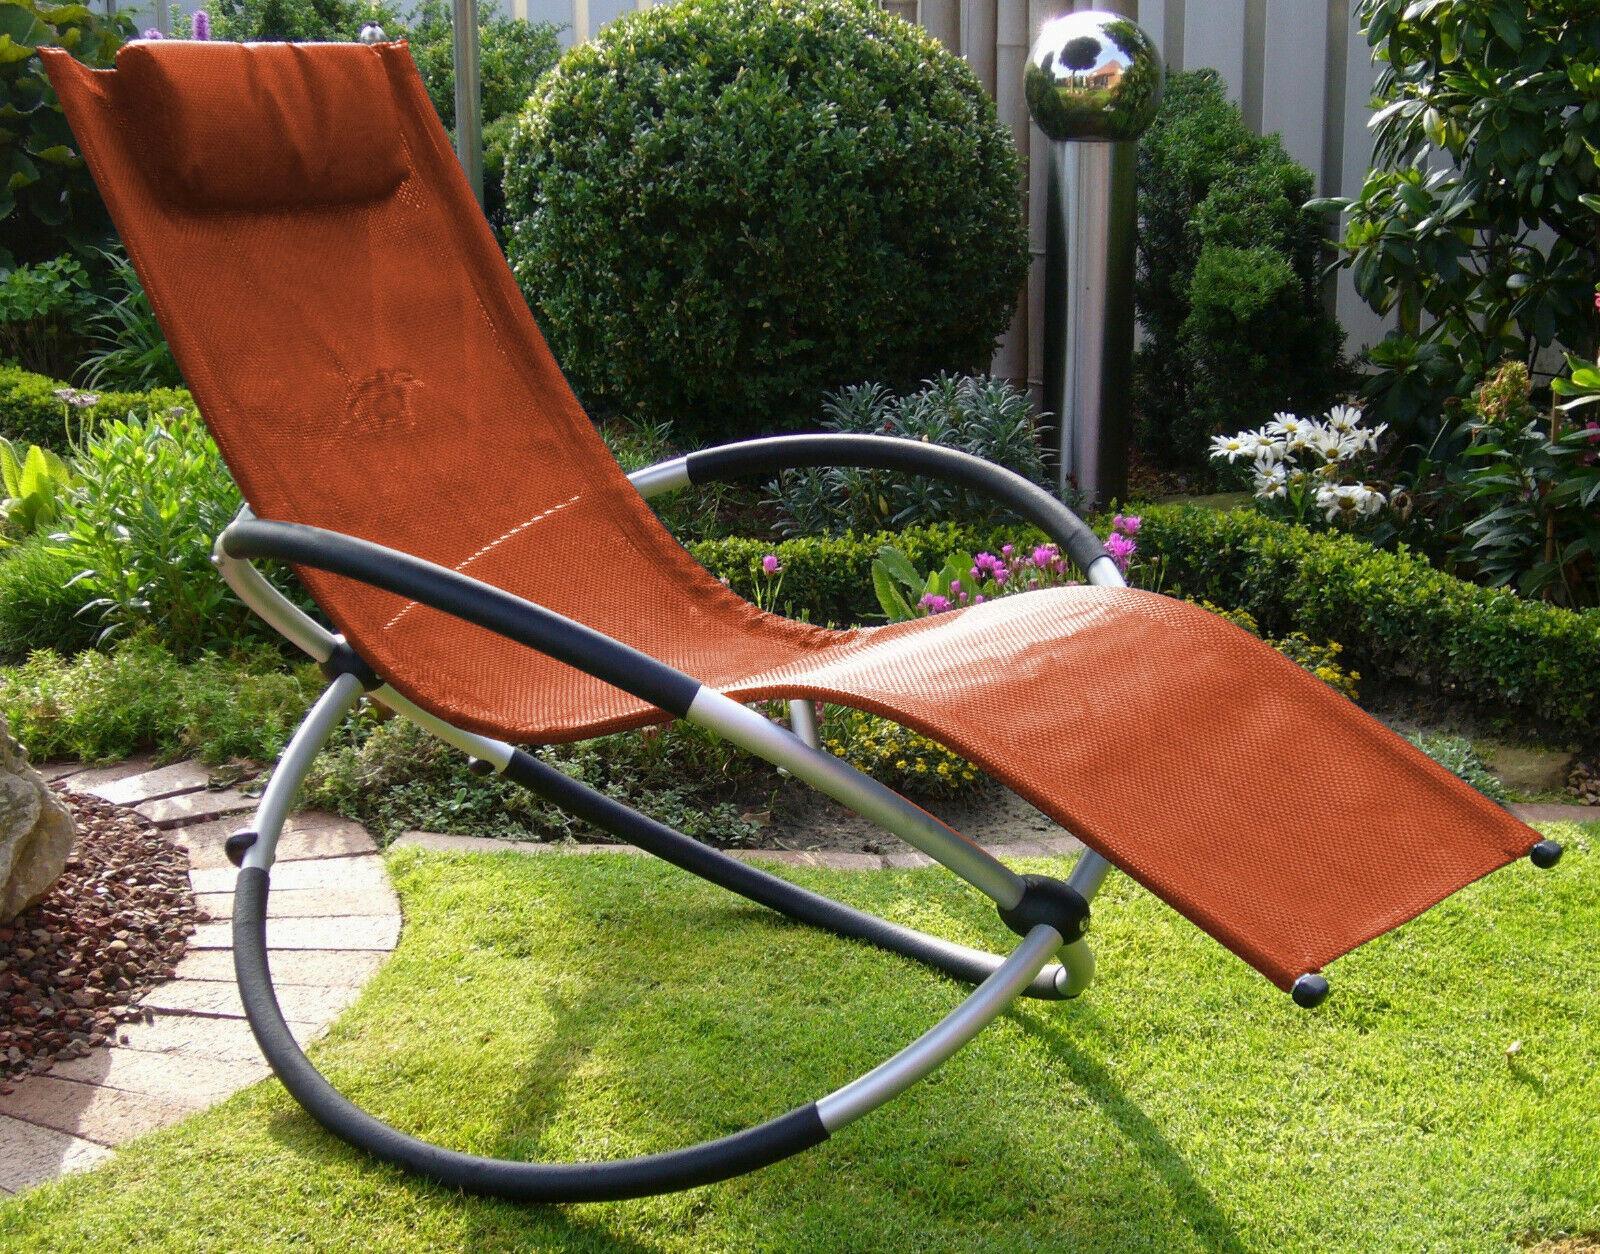 Leco Schaukelliege 82635 Sonnenliege Garten Liege Sessel Schaukelstuhl Alu